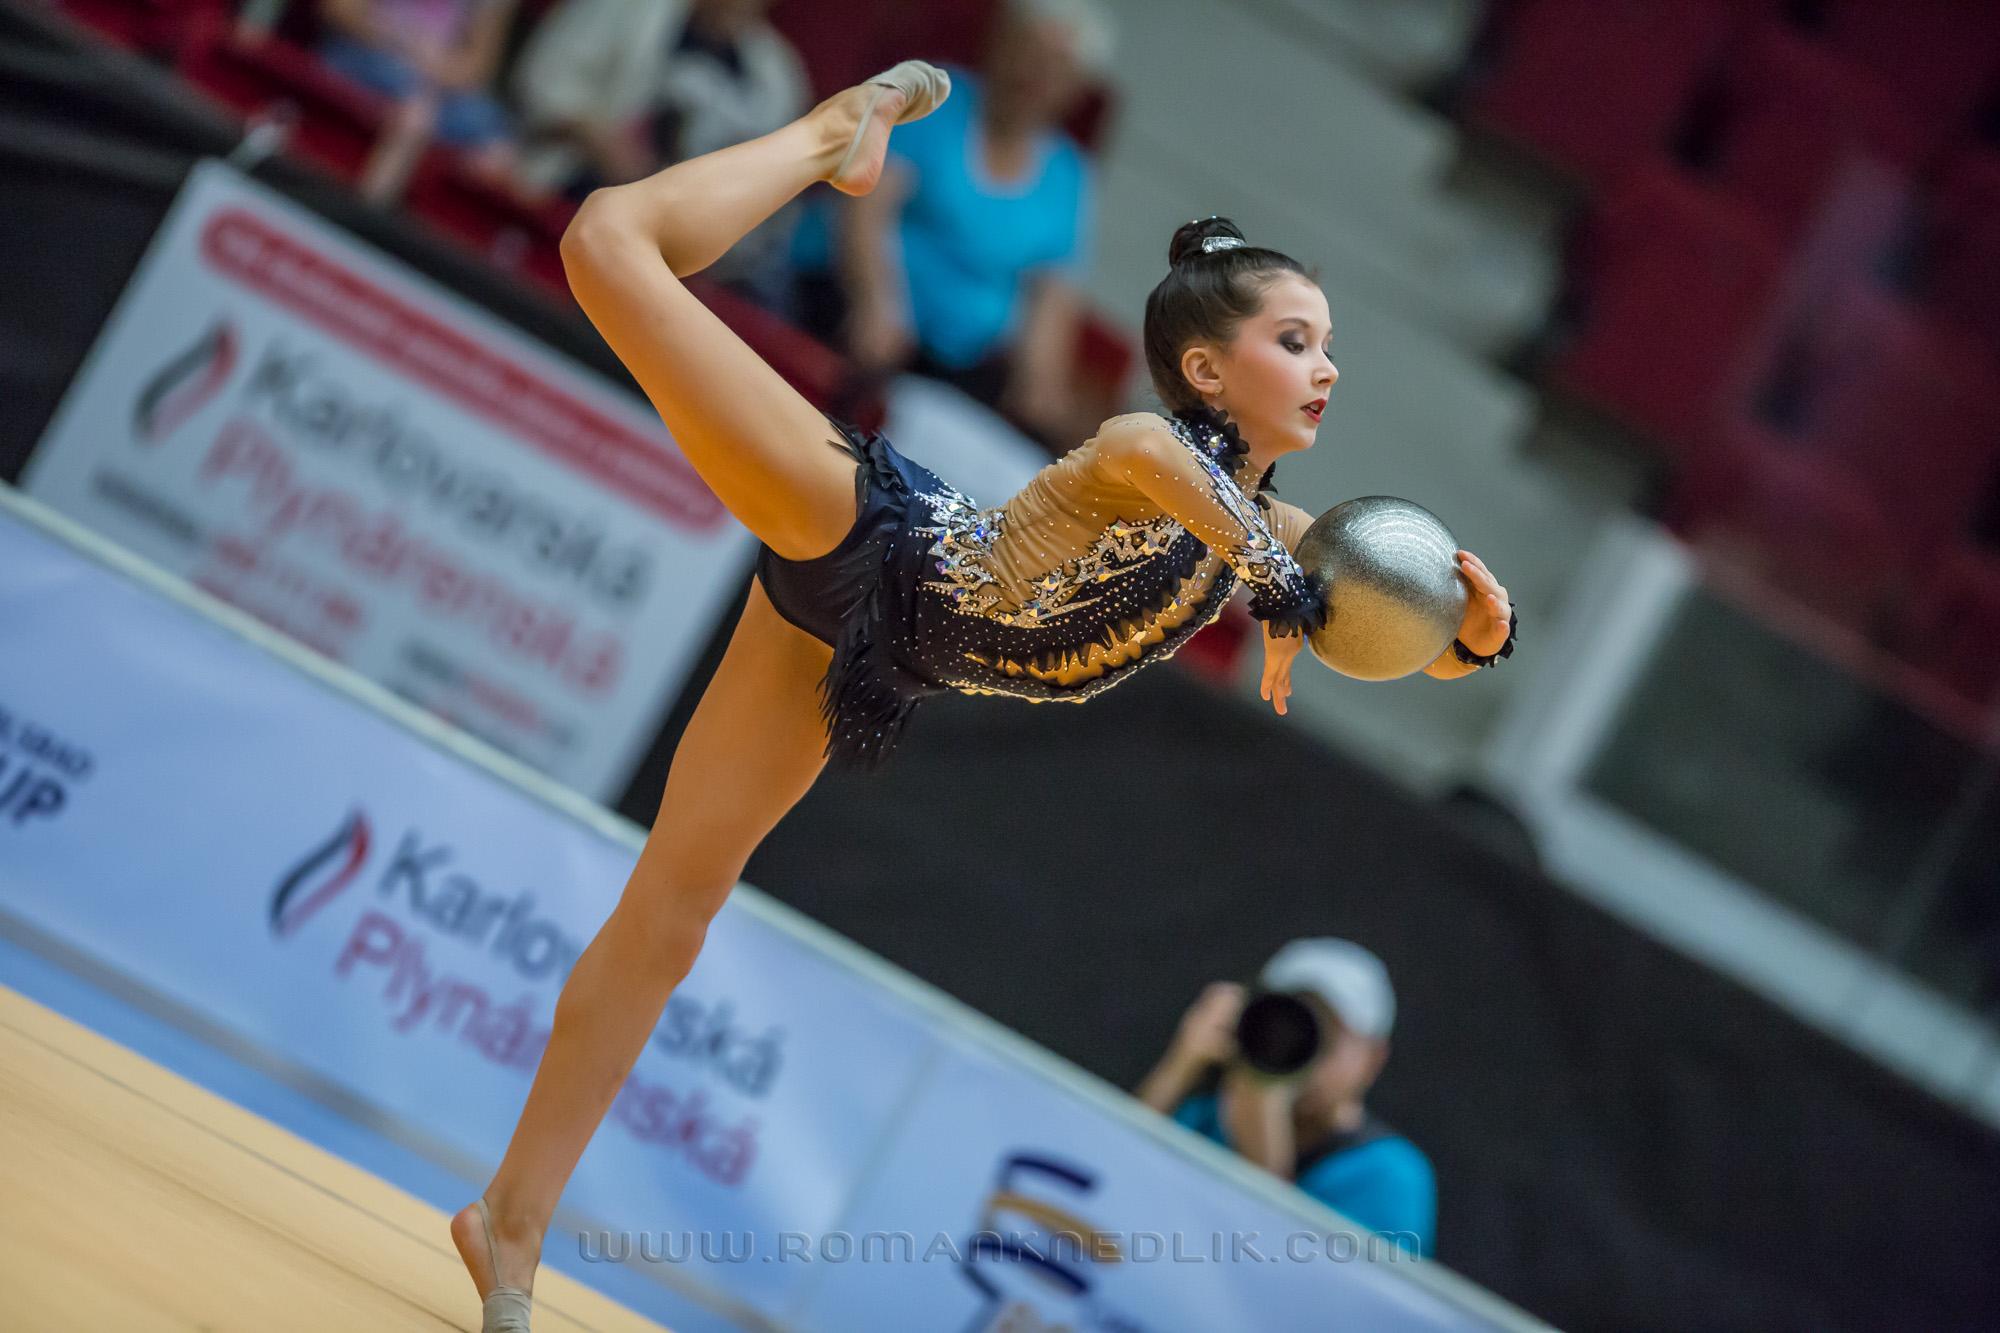 Carlsbad_RG_Cup-16